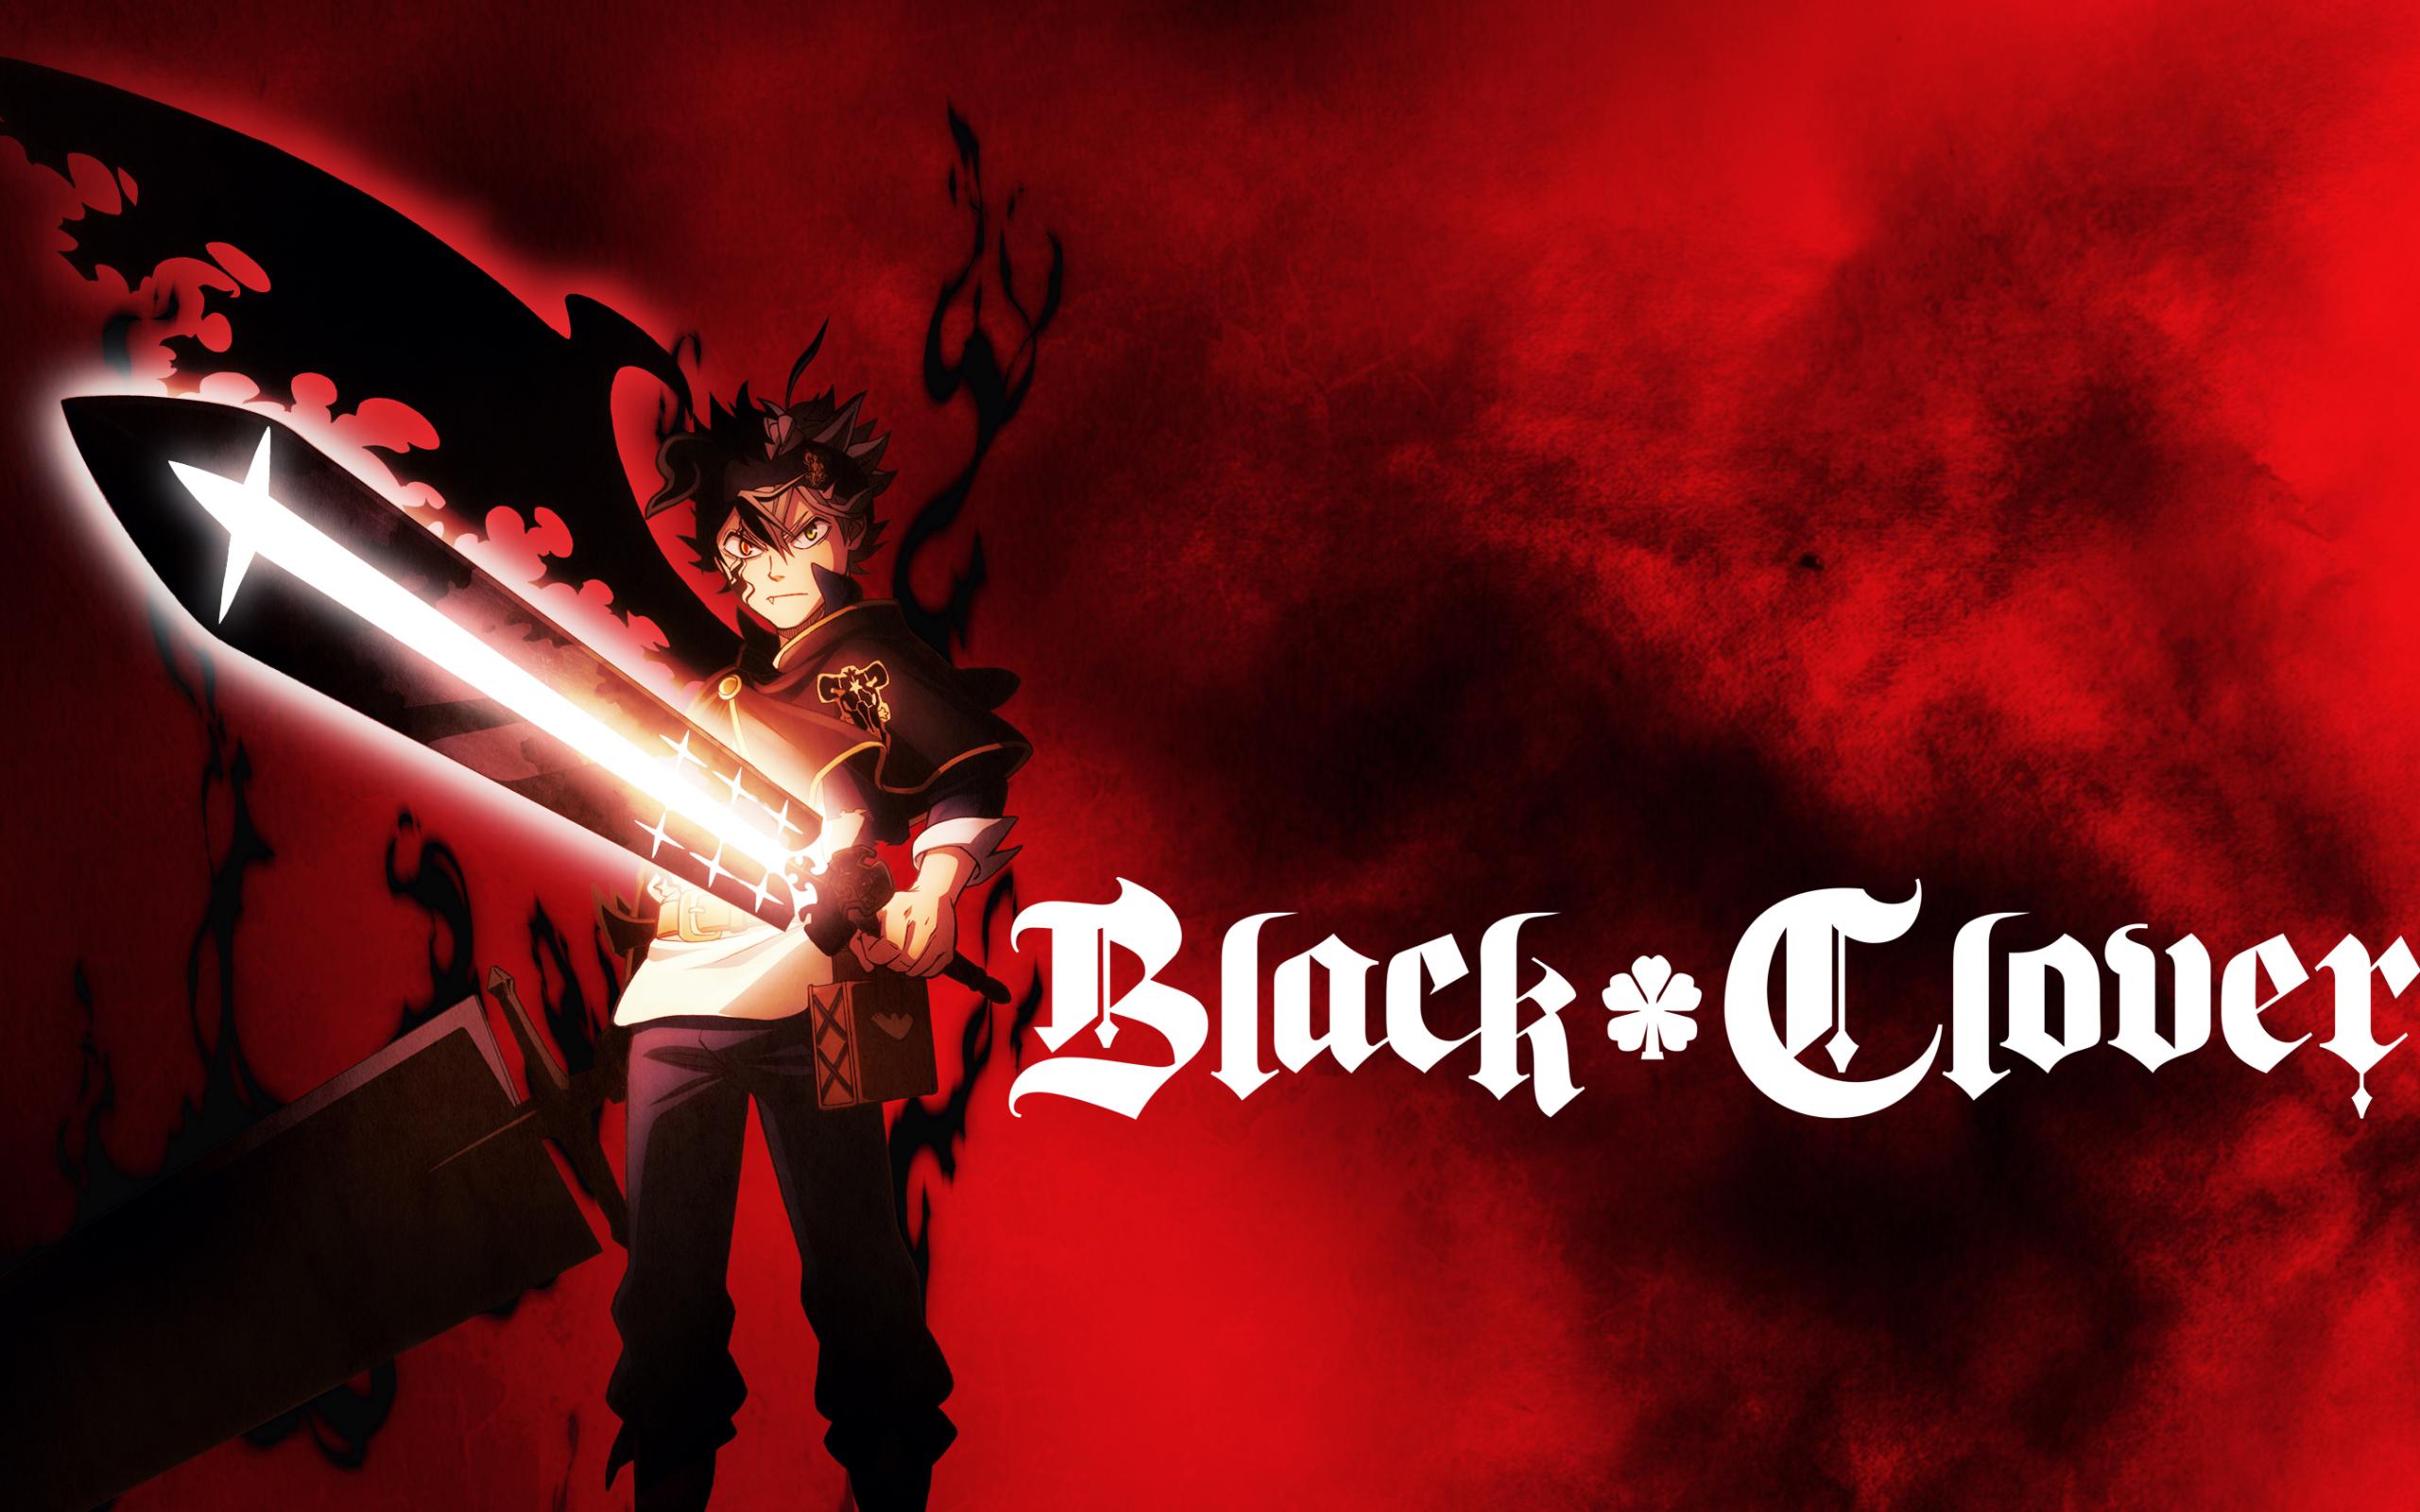 Wallpaper Of Asta, Black Clover, Anime, Sword, Demon ...